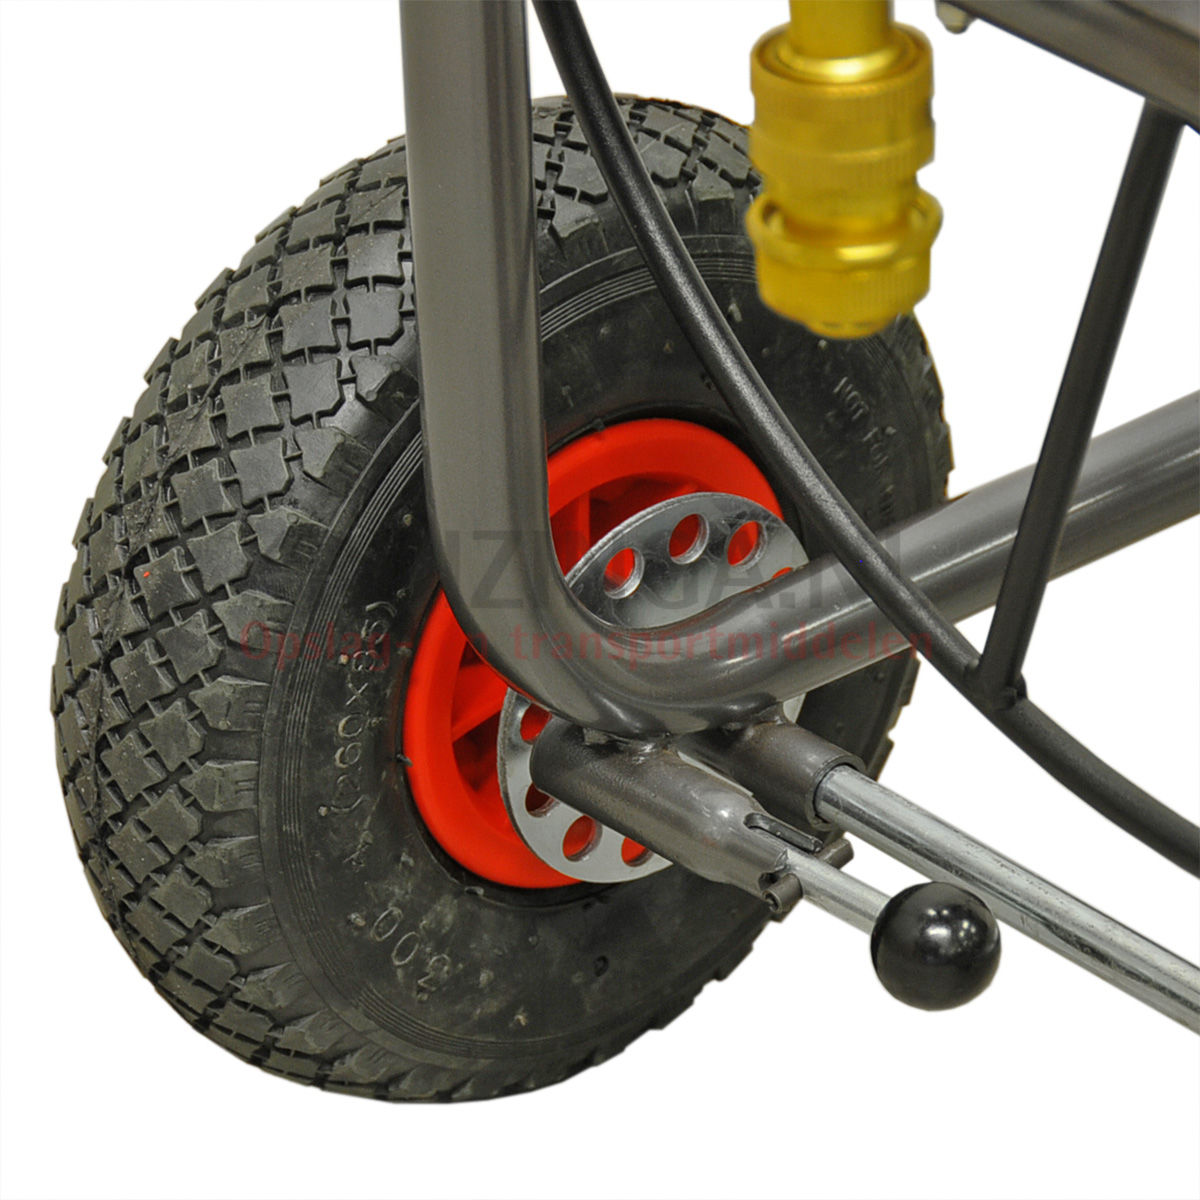 Chariots porte outils et pi ces chariot de manutention chariot enrouleur en roues 290 50 frais - Chariot porte roue tracteur ...